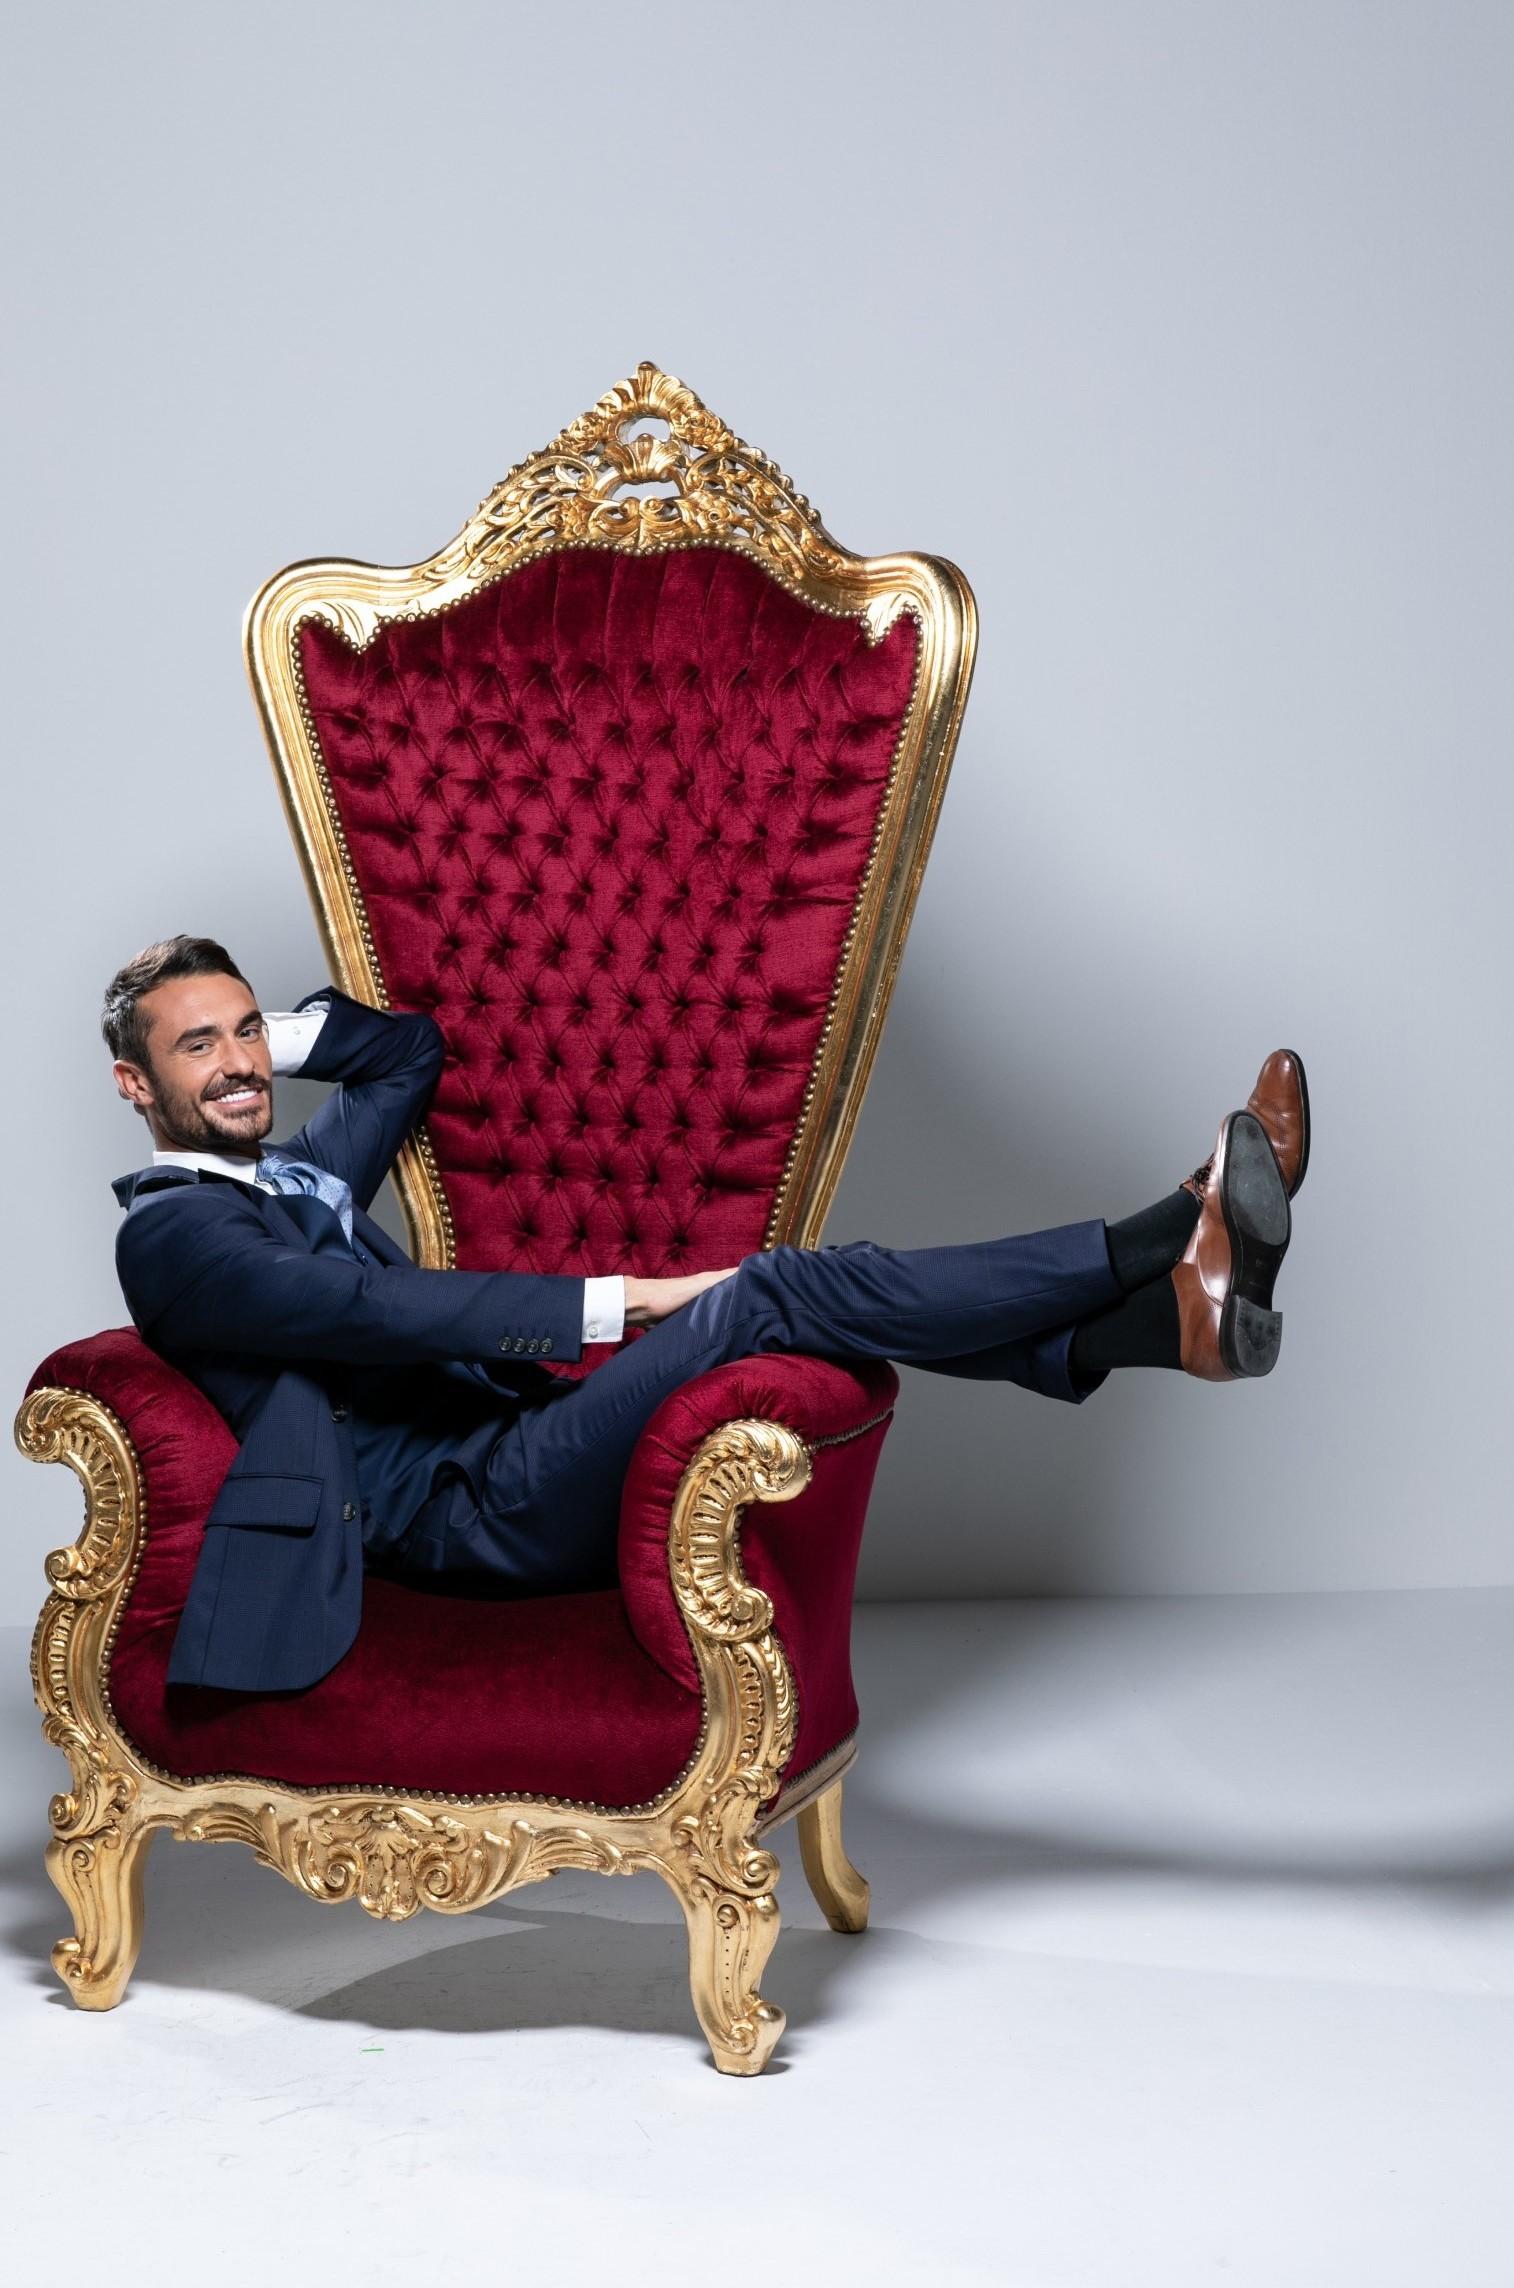 Nouveau Prince De L Amour : nouveau, prince, amour, Princes, Princesses, L'amour, Cand..., Télé